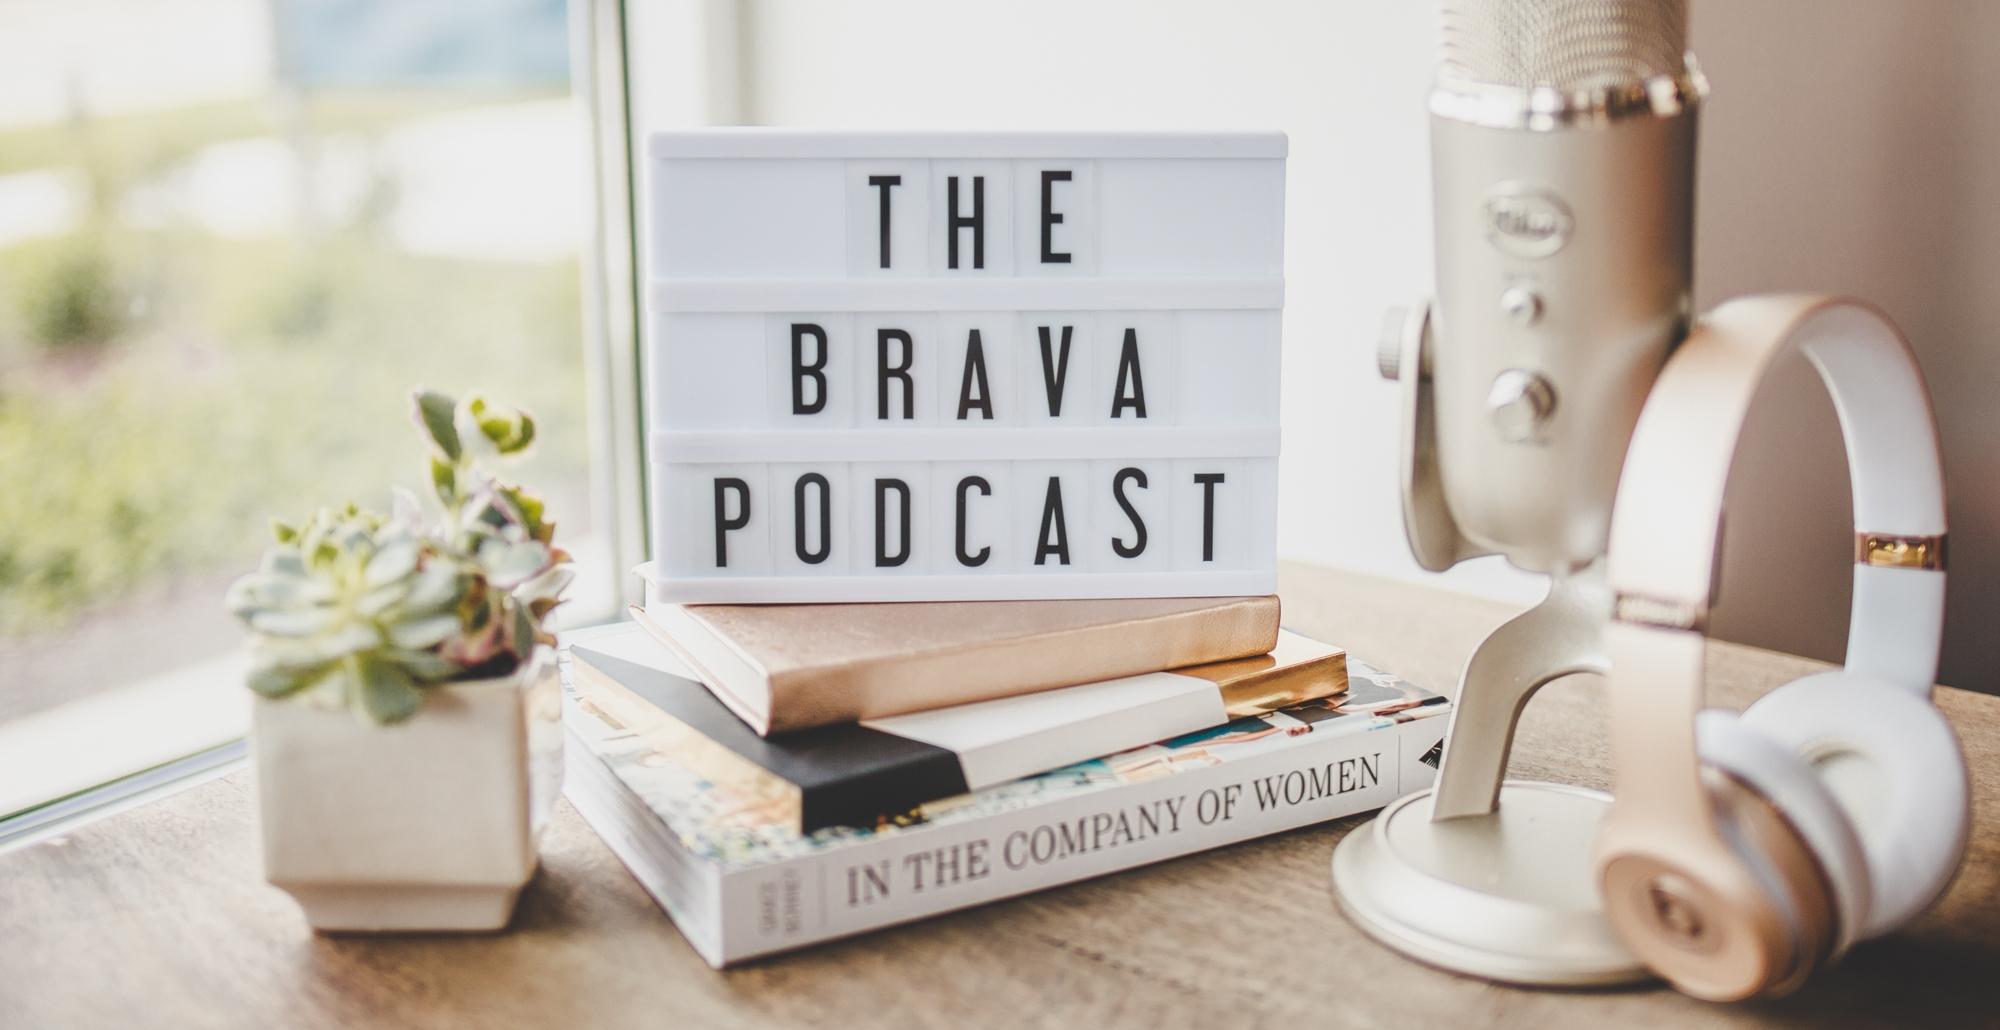 bravapodcastimage-23.jpg